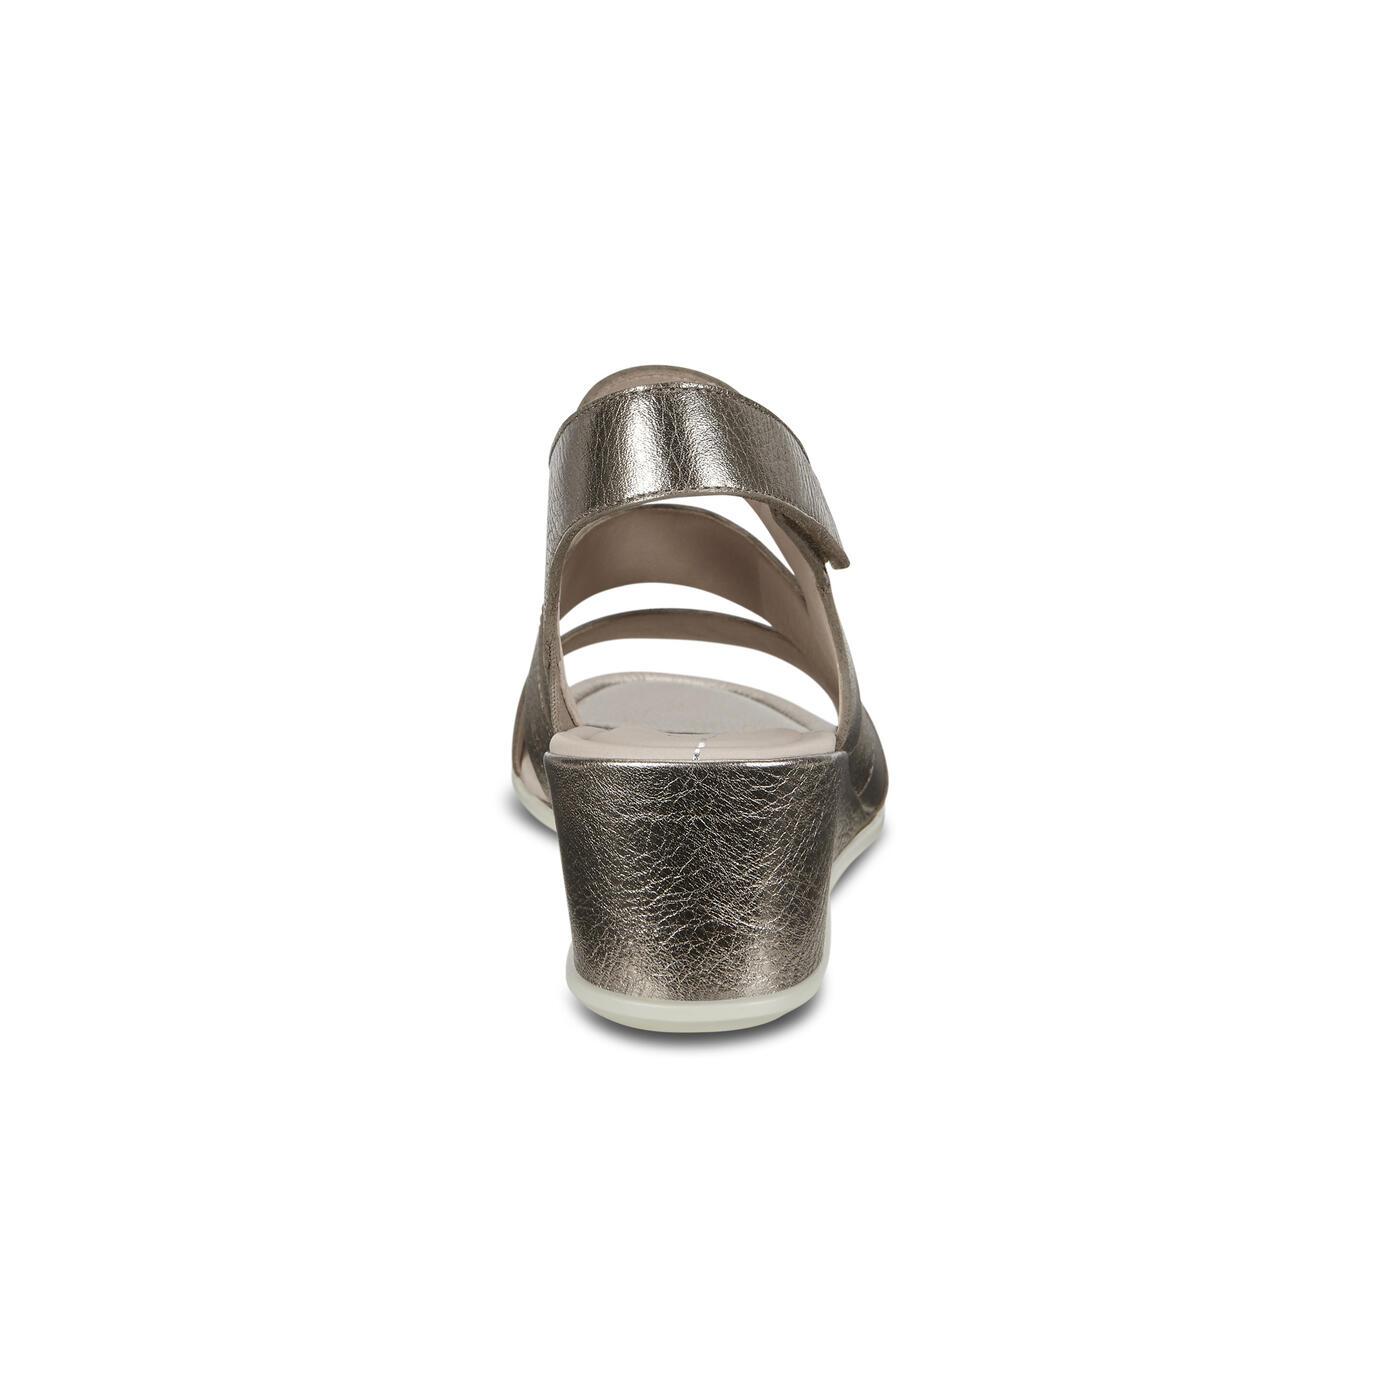 ECCO SHAPE WEDGE SANDAL 35mm